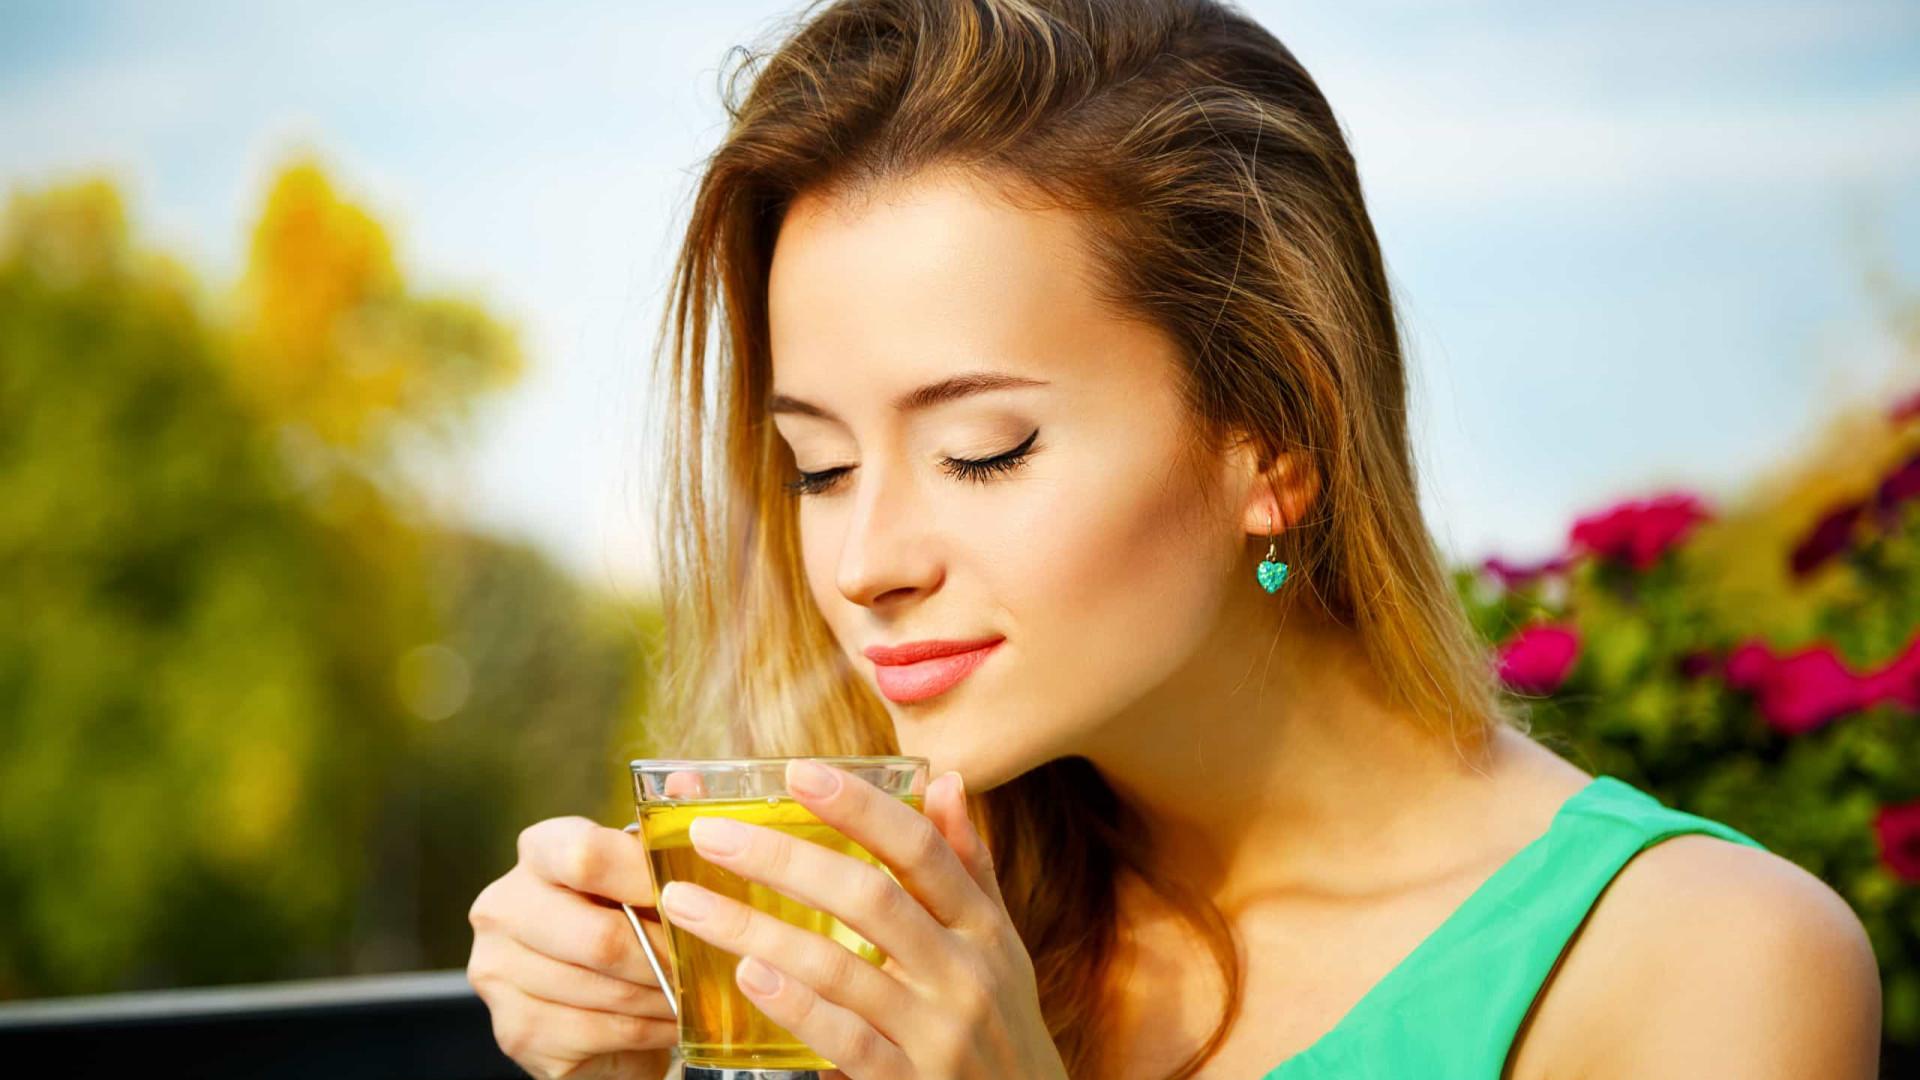 Efeitos colaterais de beber muito chá (está avisado!)